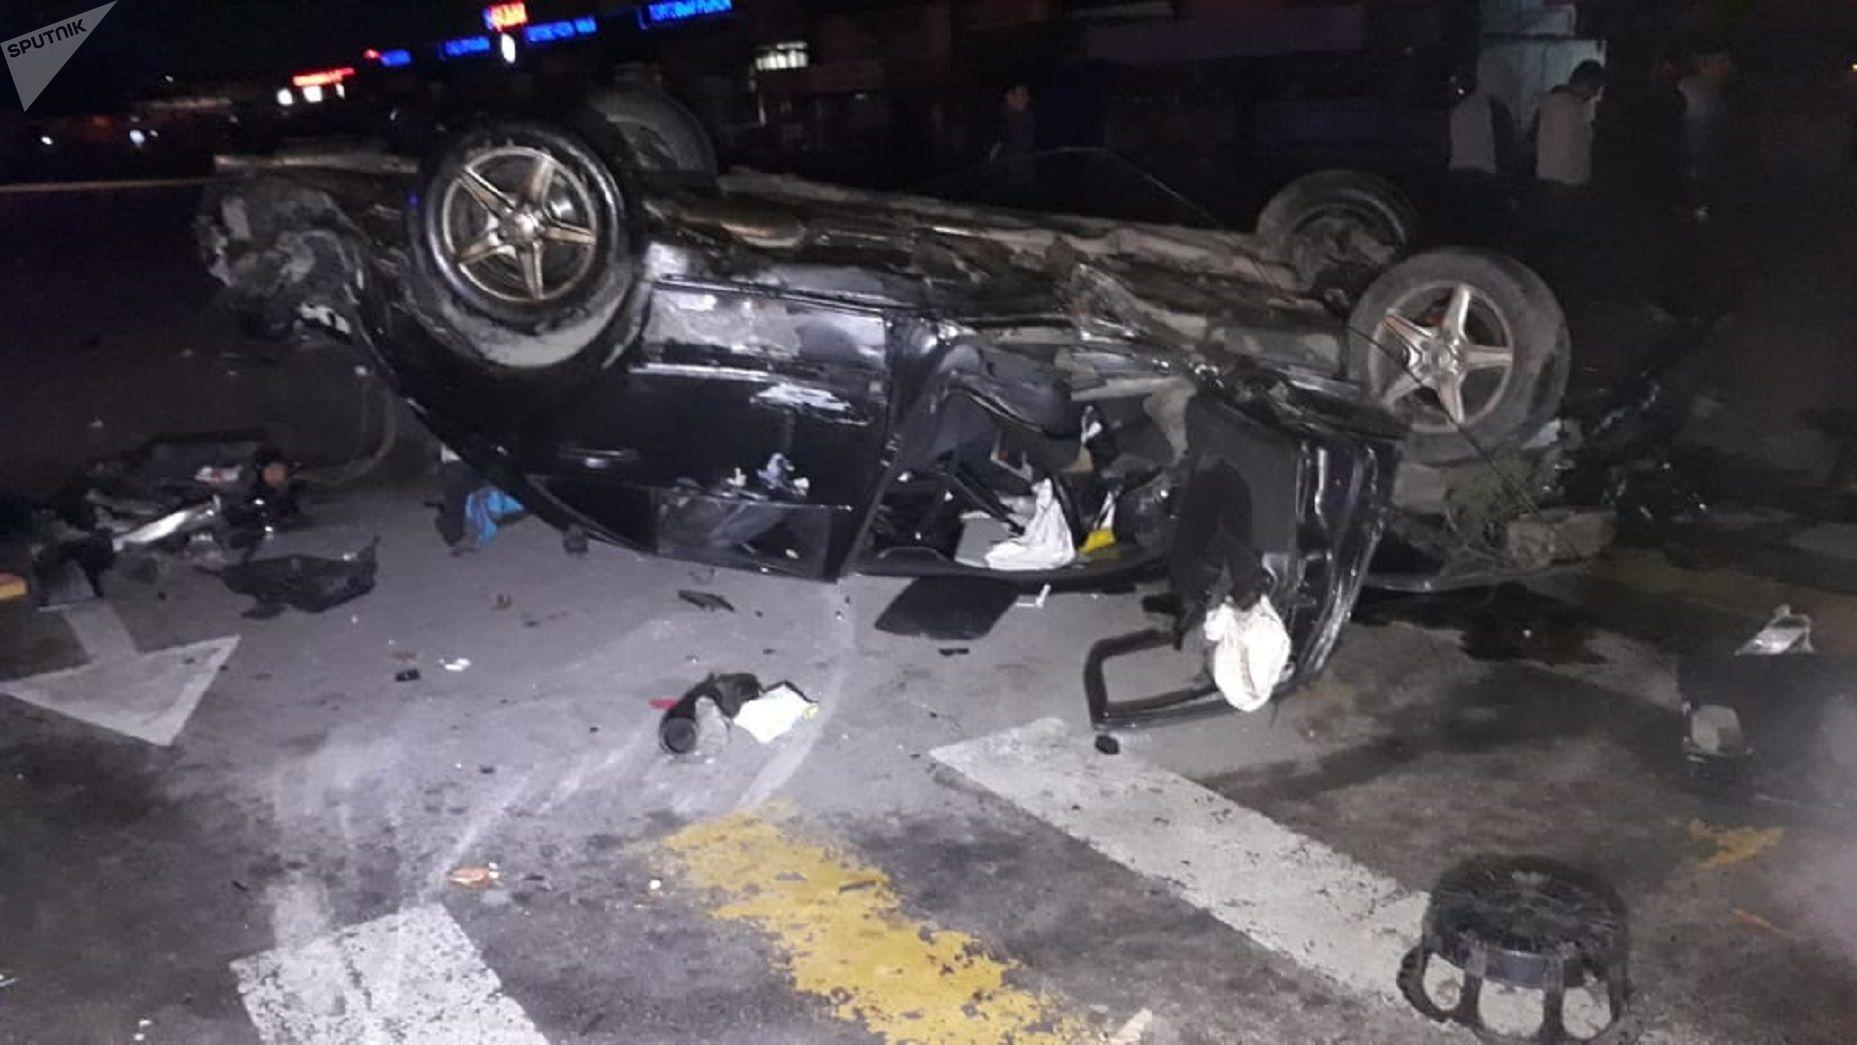 Машину буквально разорвало на куски в результате аварии